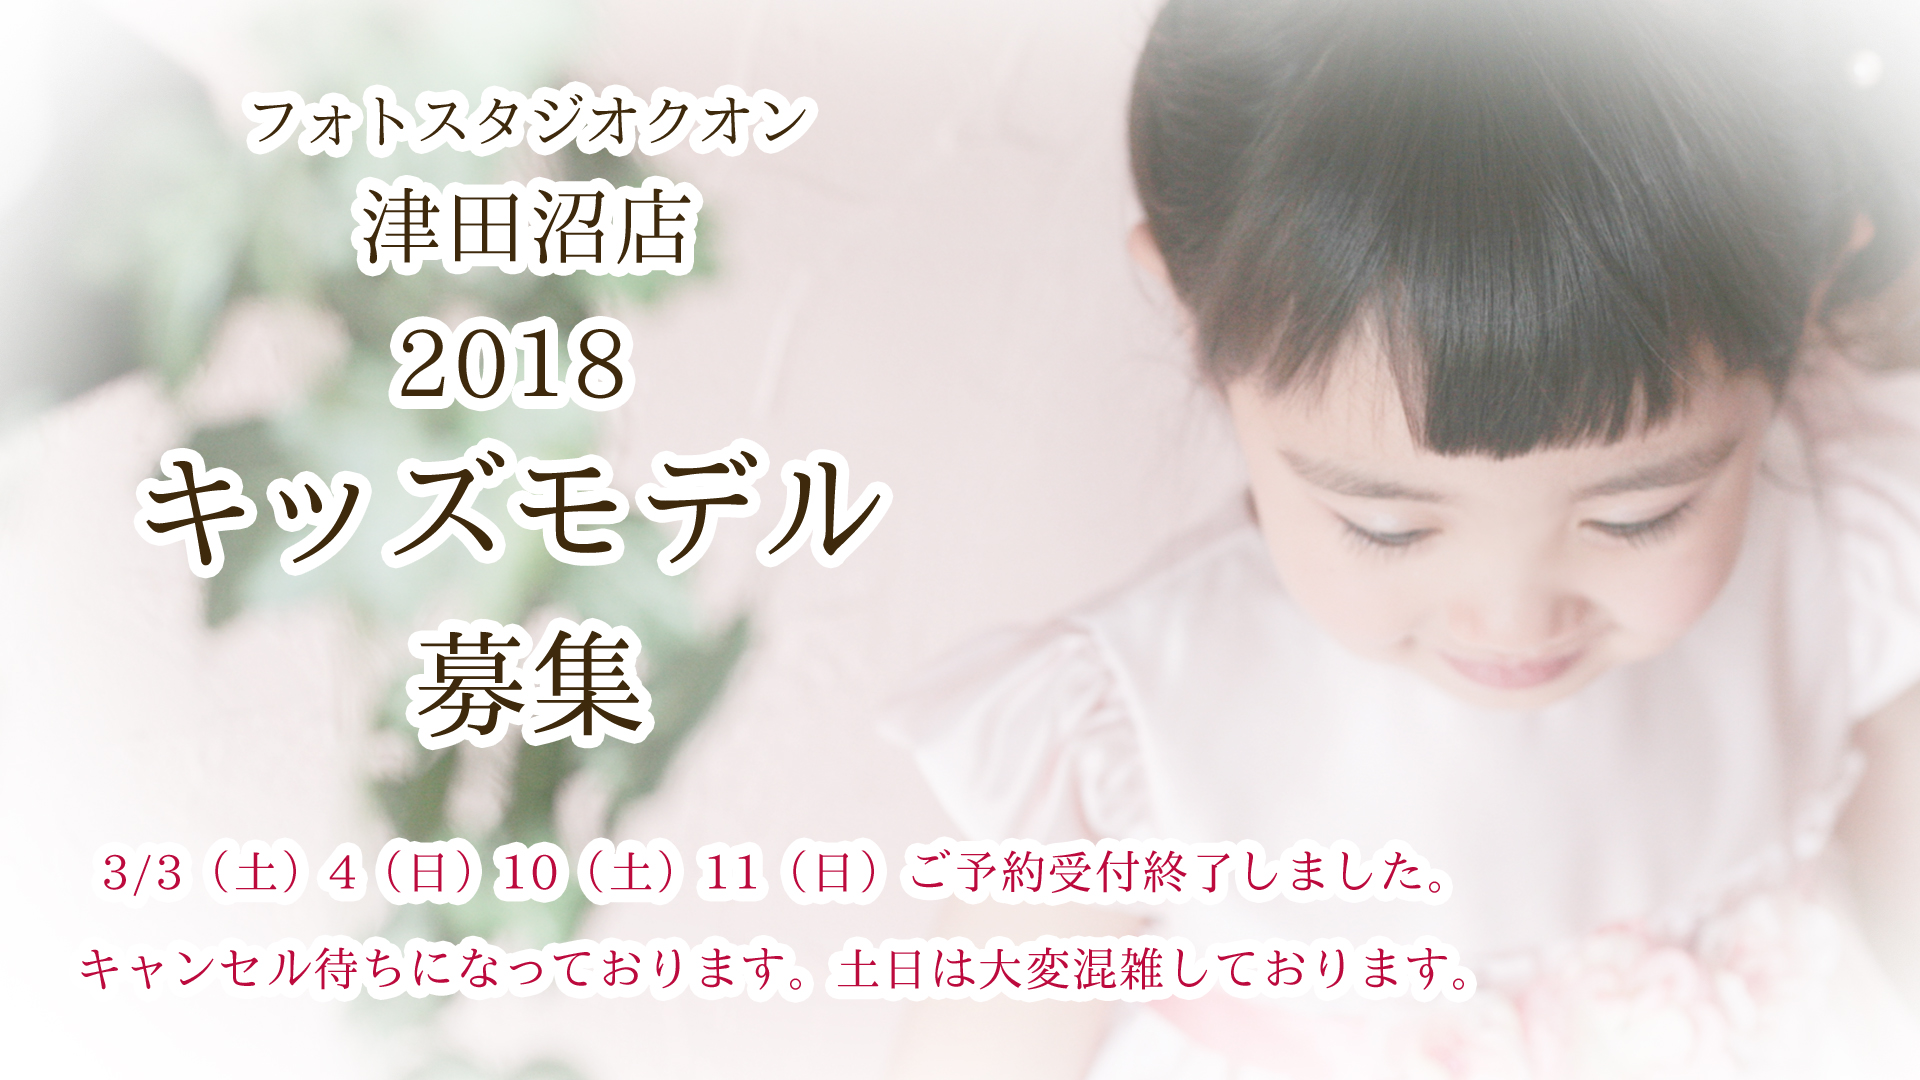 津田沼店 2018キッズモデル募集